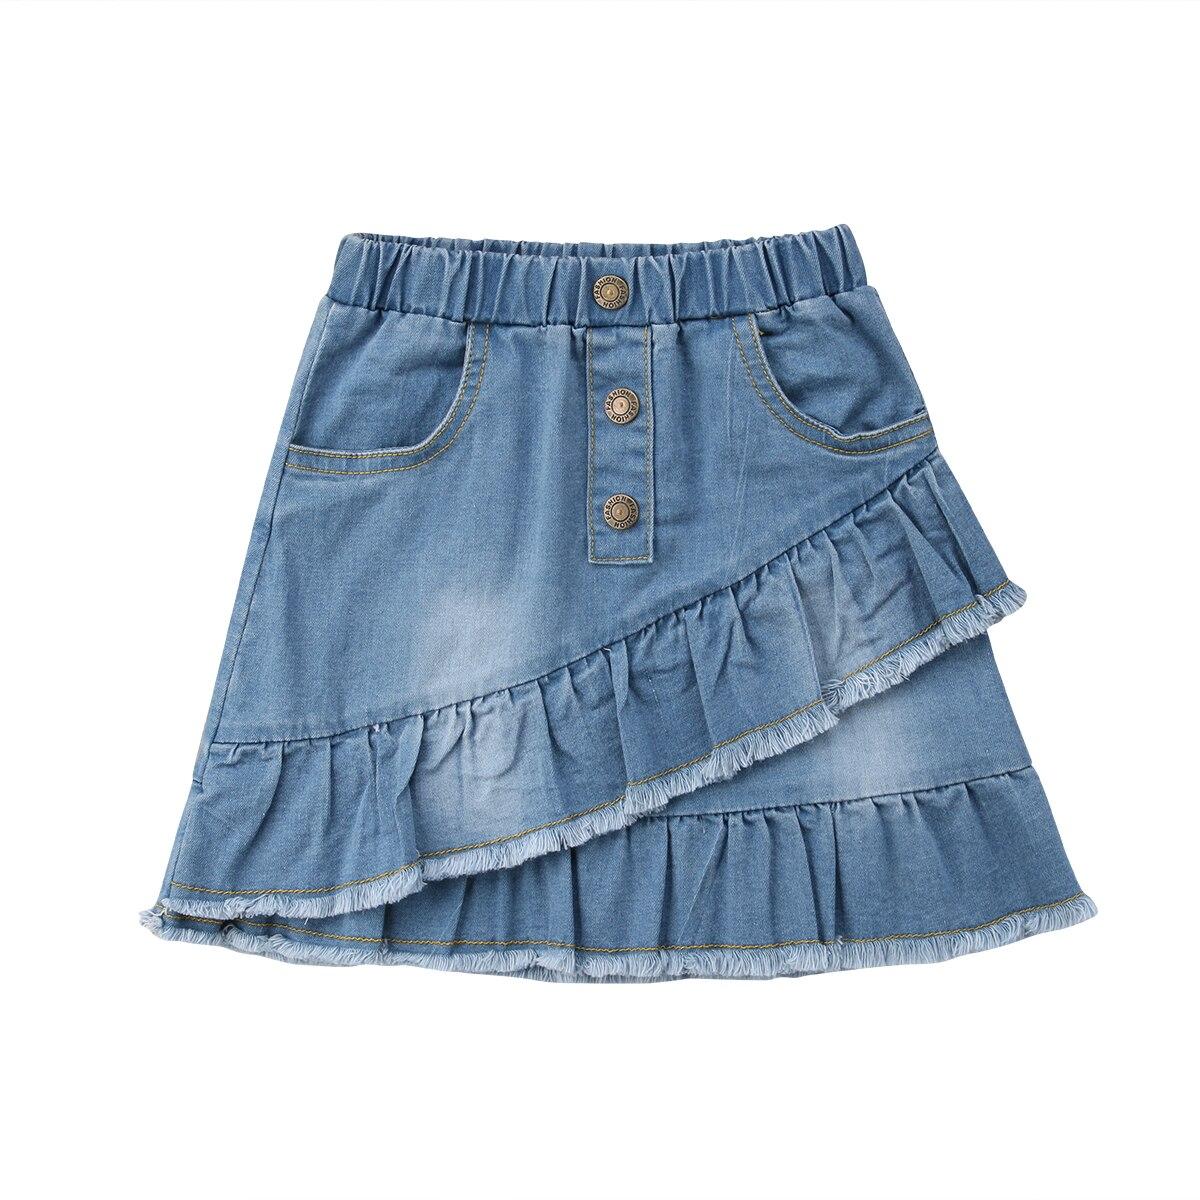 New Summer Fashion Toddler Kids Girls Blue Denim Mini Skirt Short Dress Jean Skirt Casual Mini Skirt